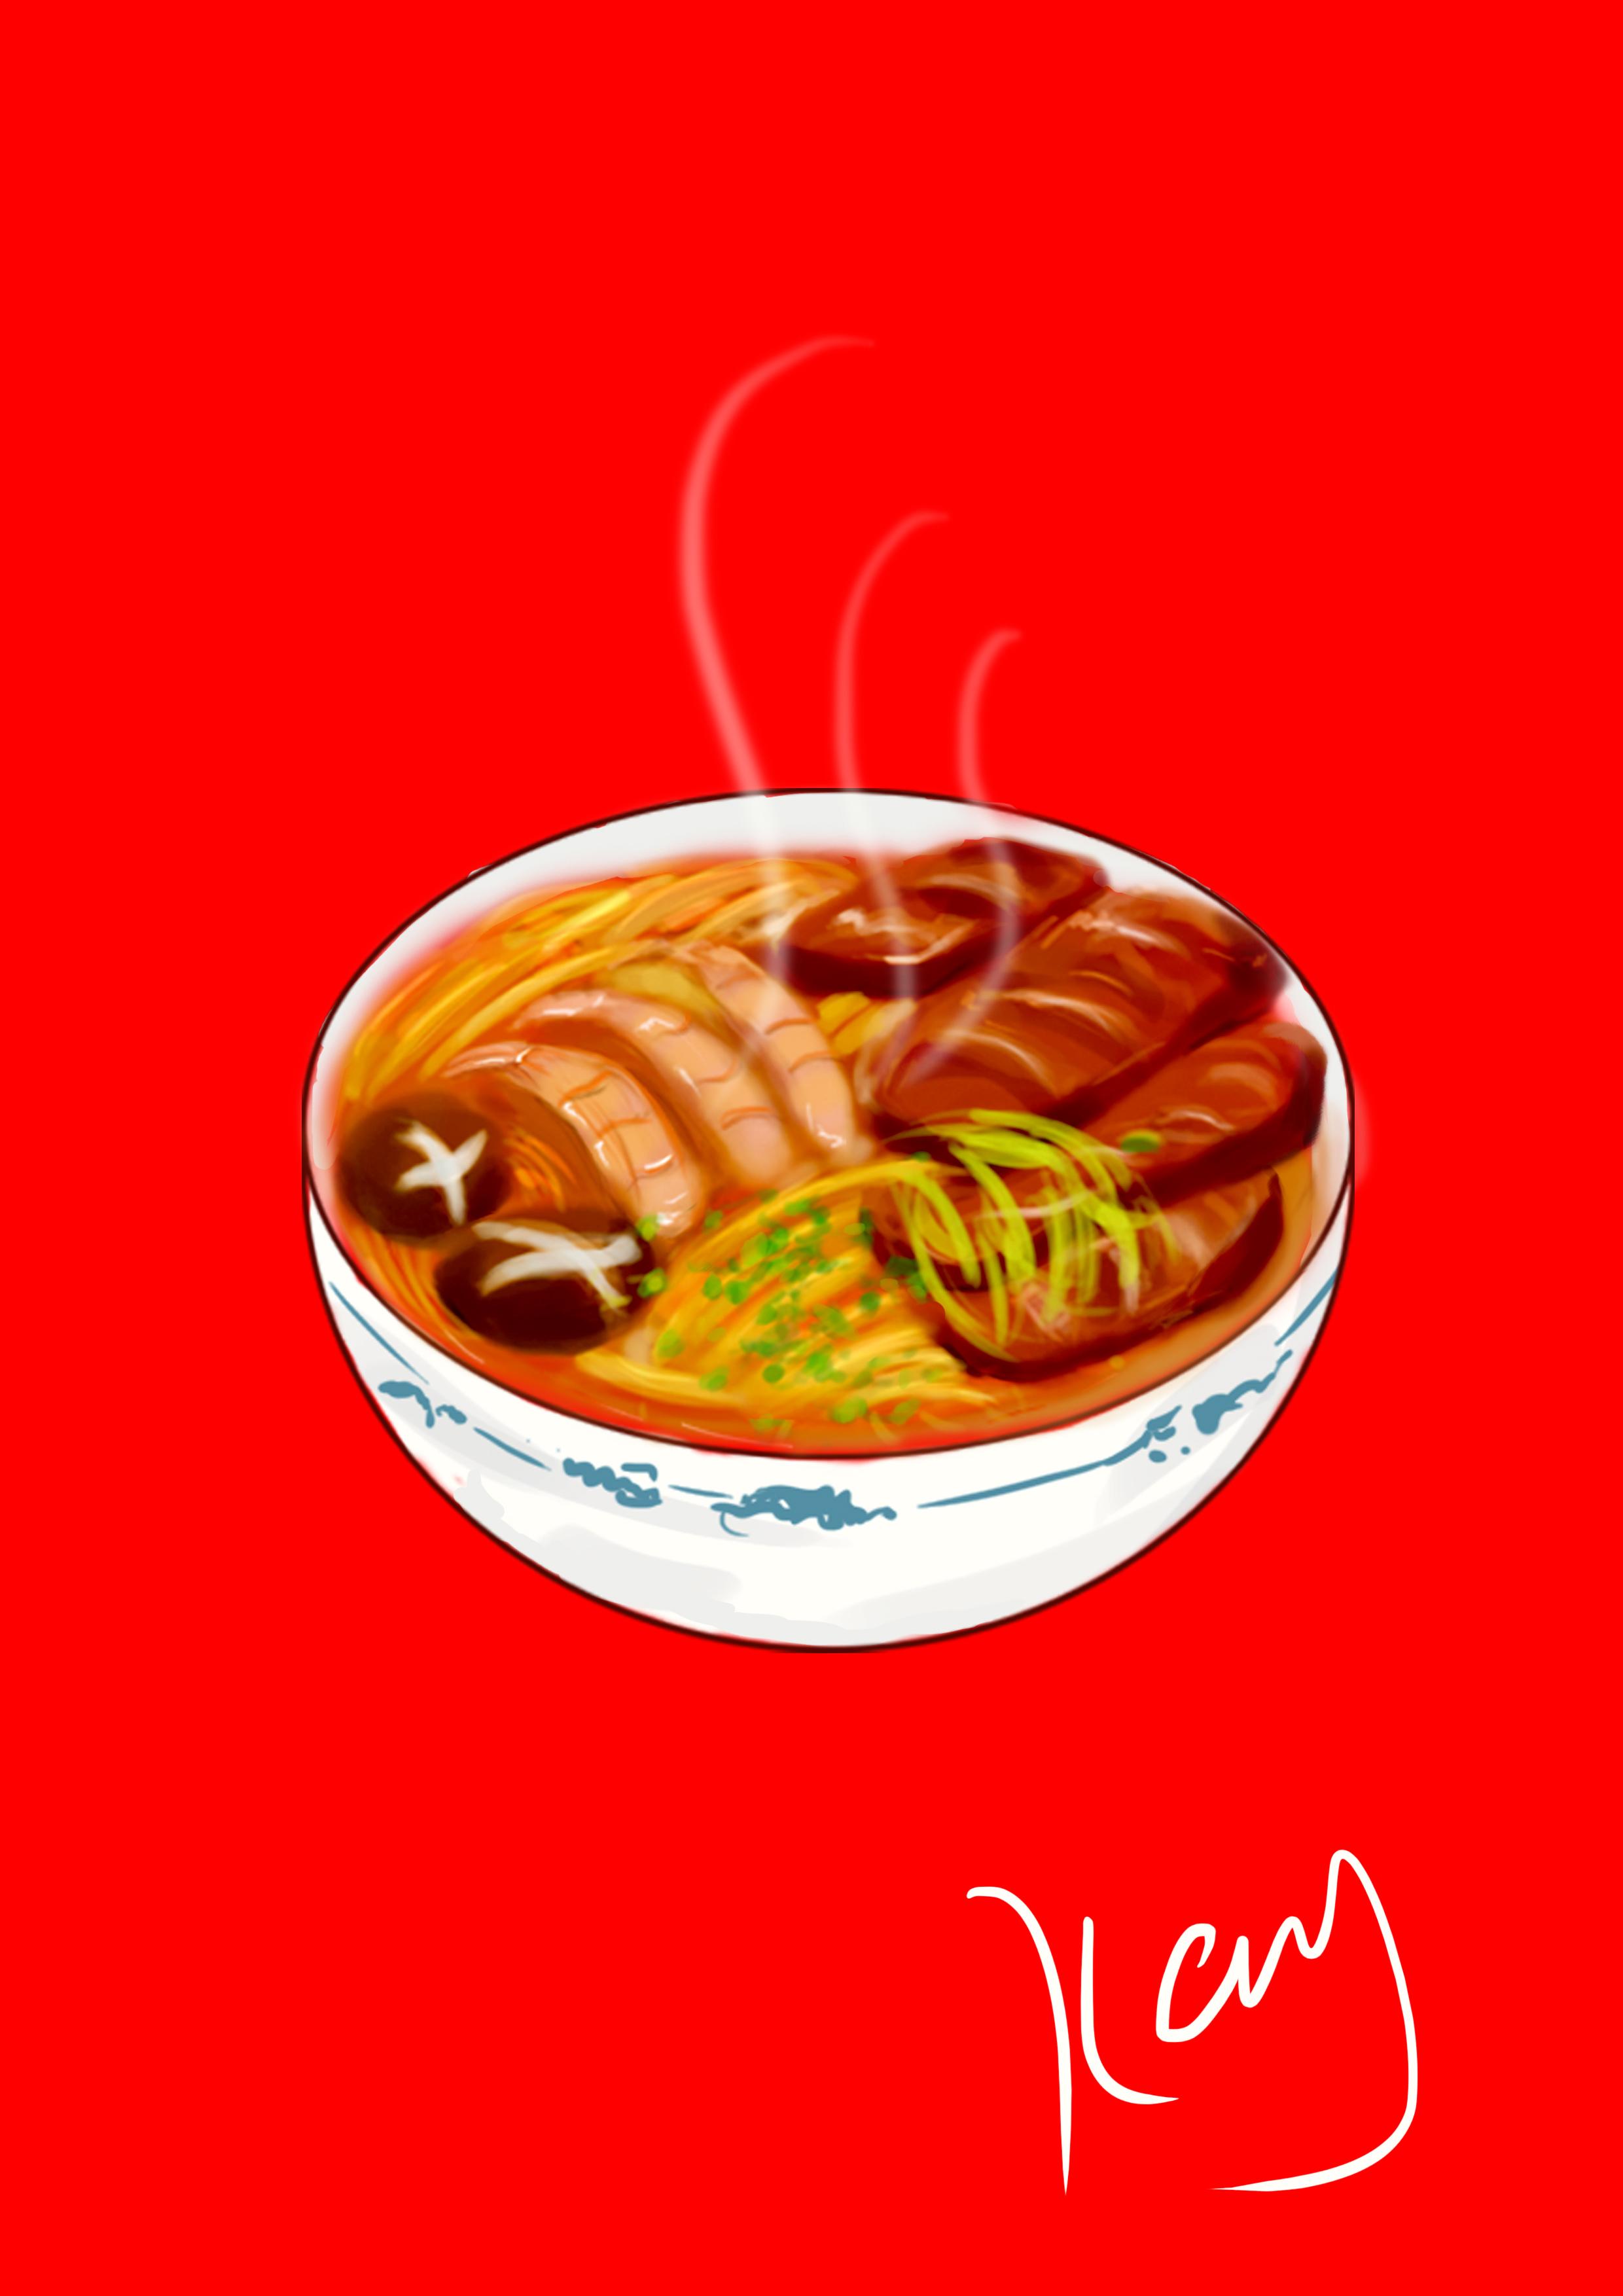 面 手绘 肉肉 食物 商业插画